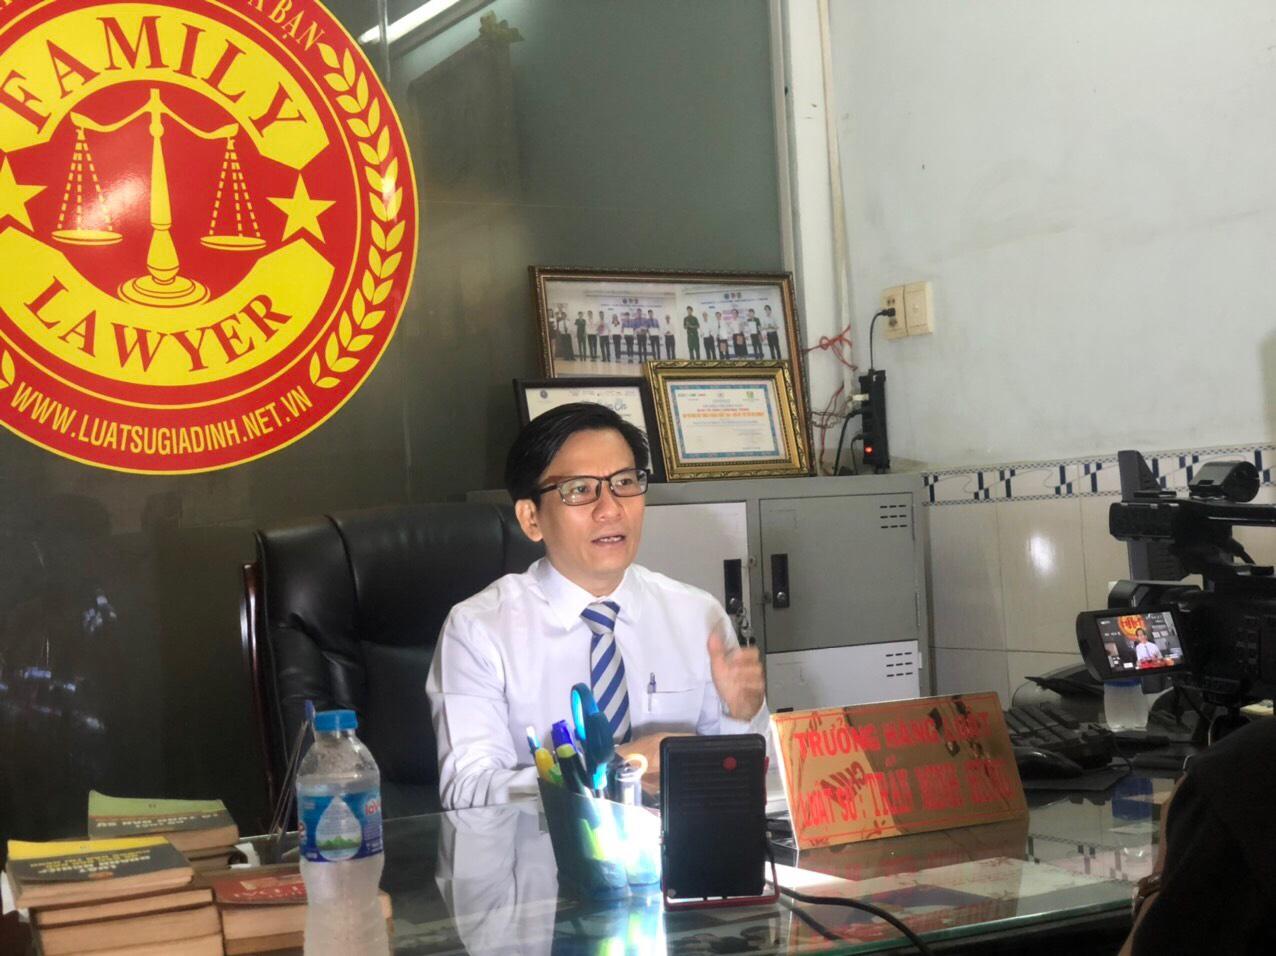 Luật sư Trần Minh Hùng – Đoàn Luật sư TP.HCM trả lời báo chí